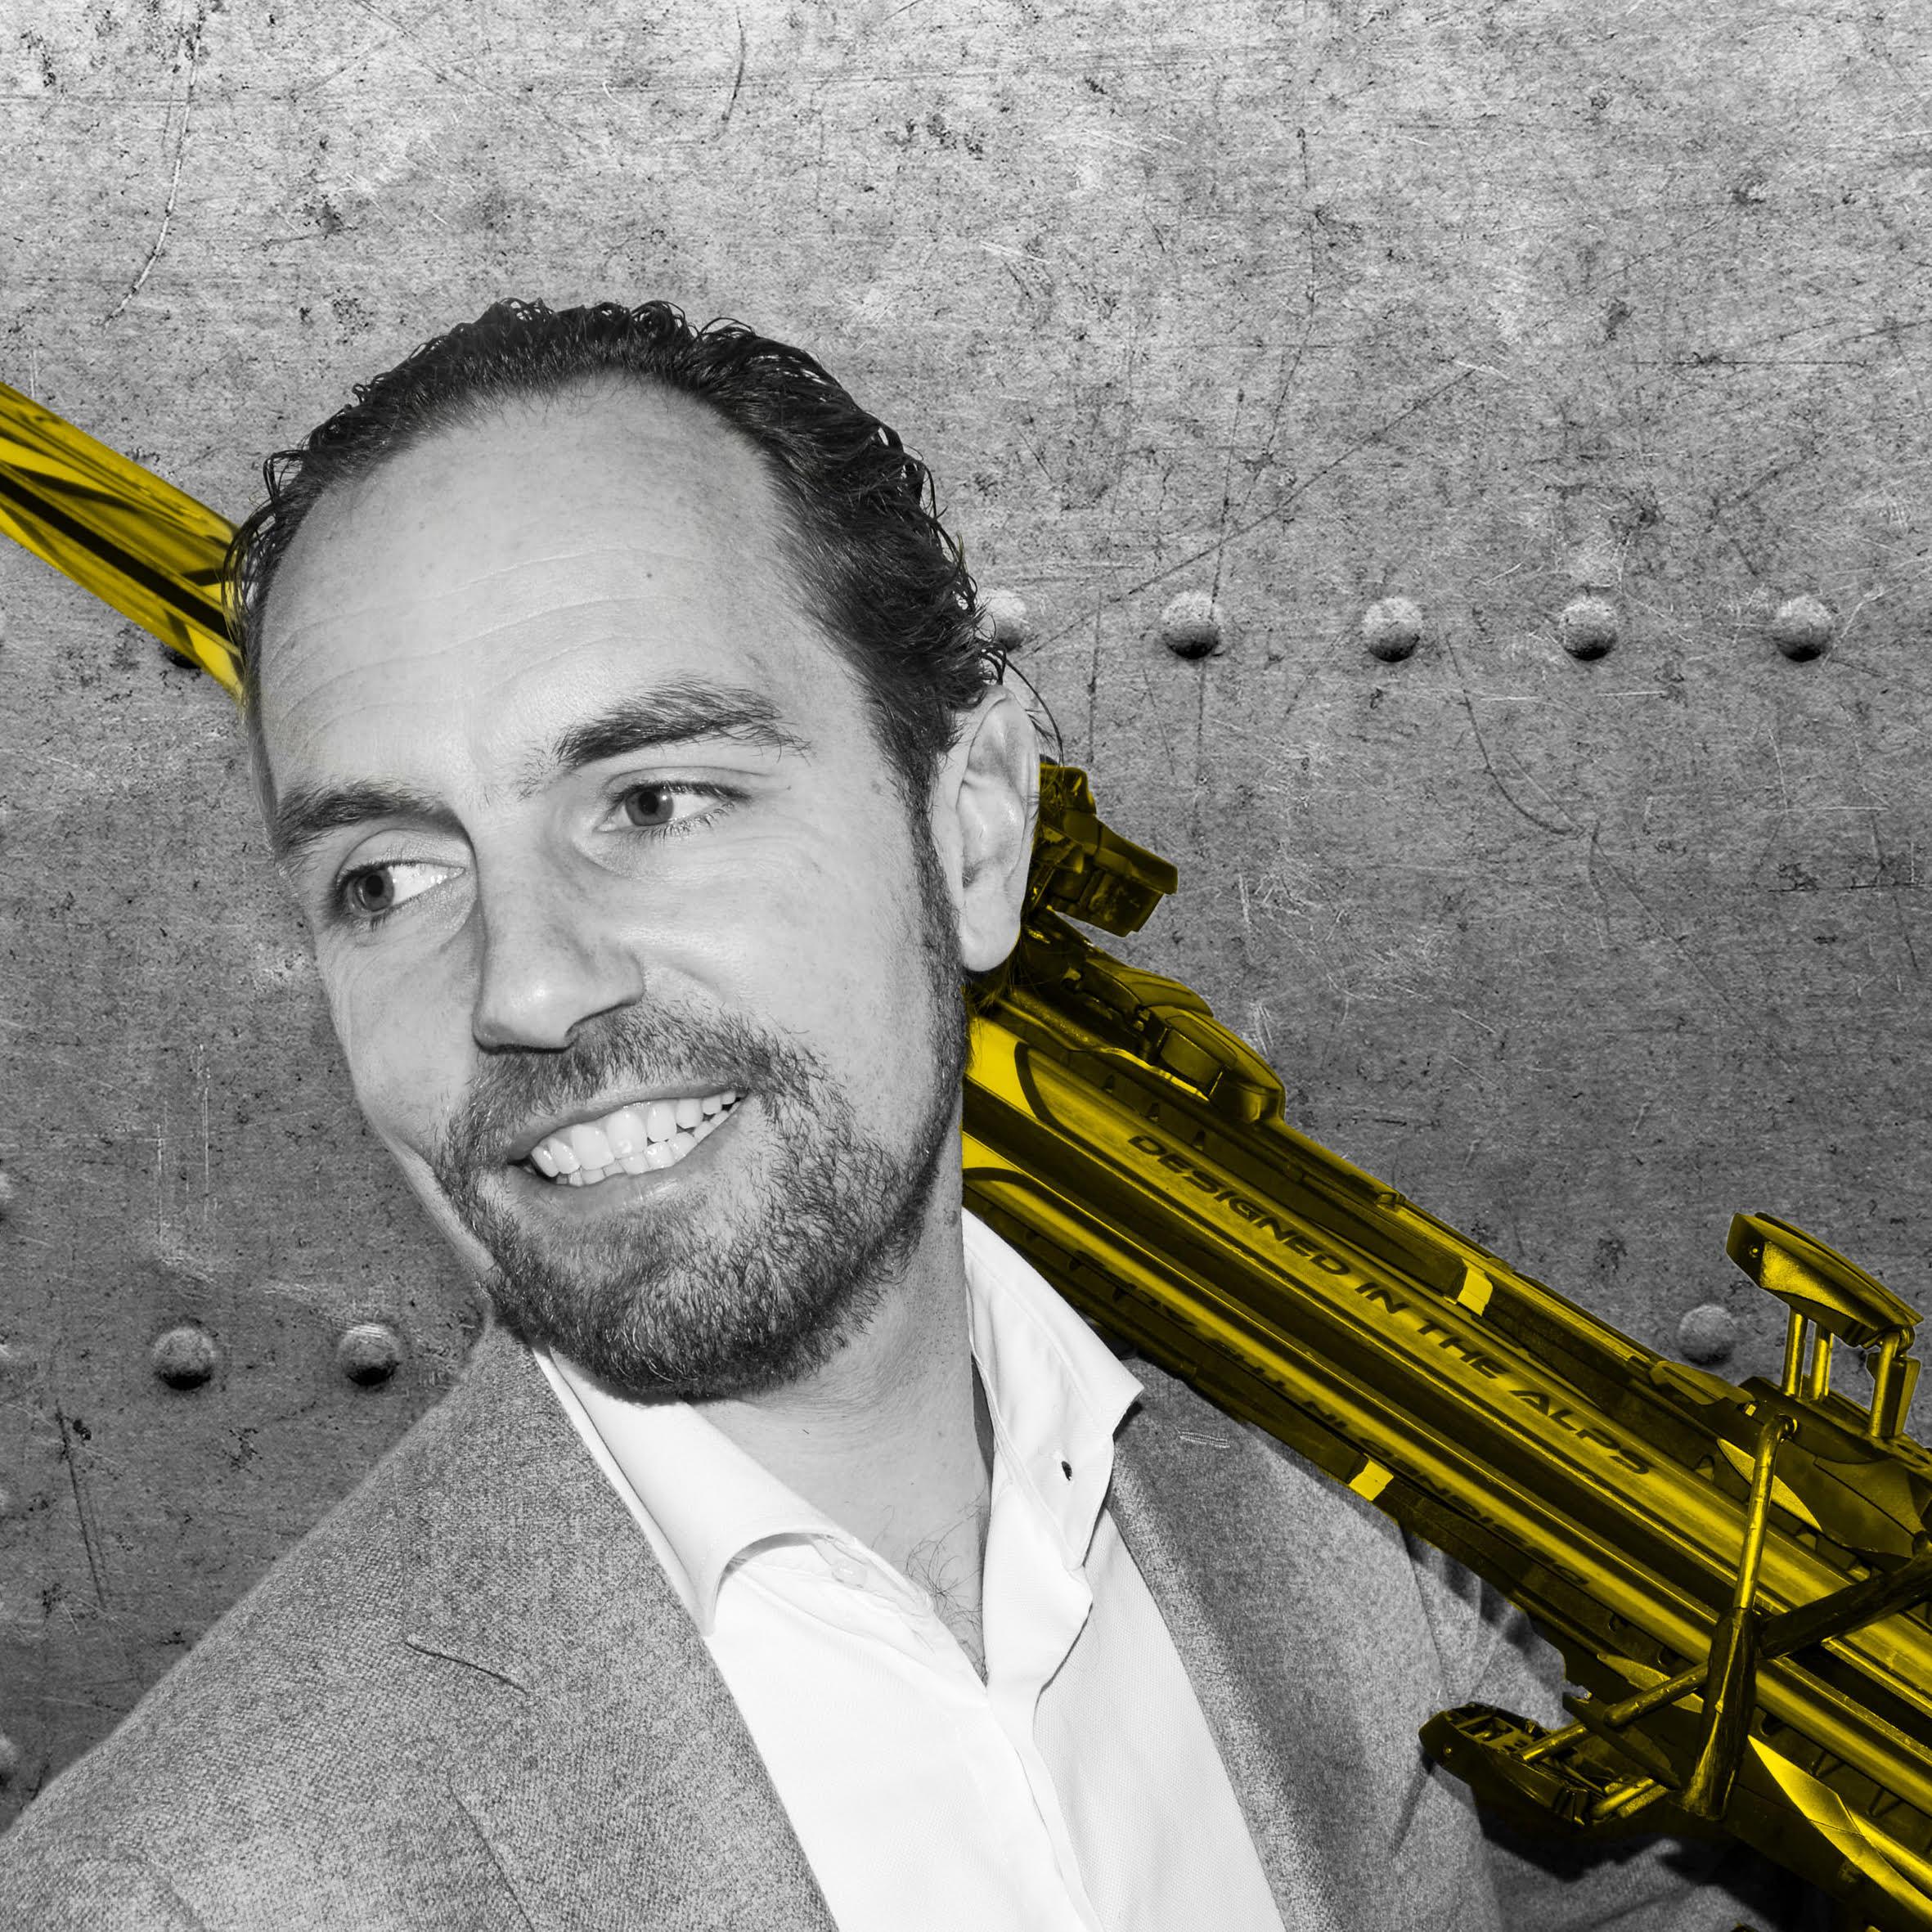 Roderick Reichert